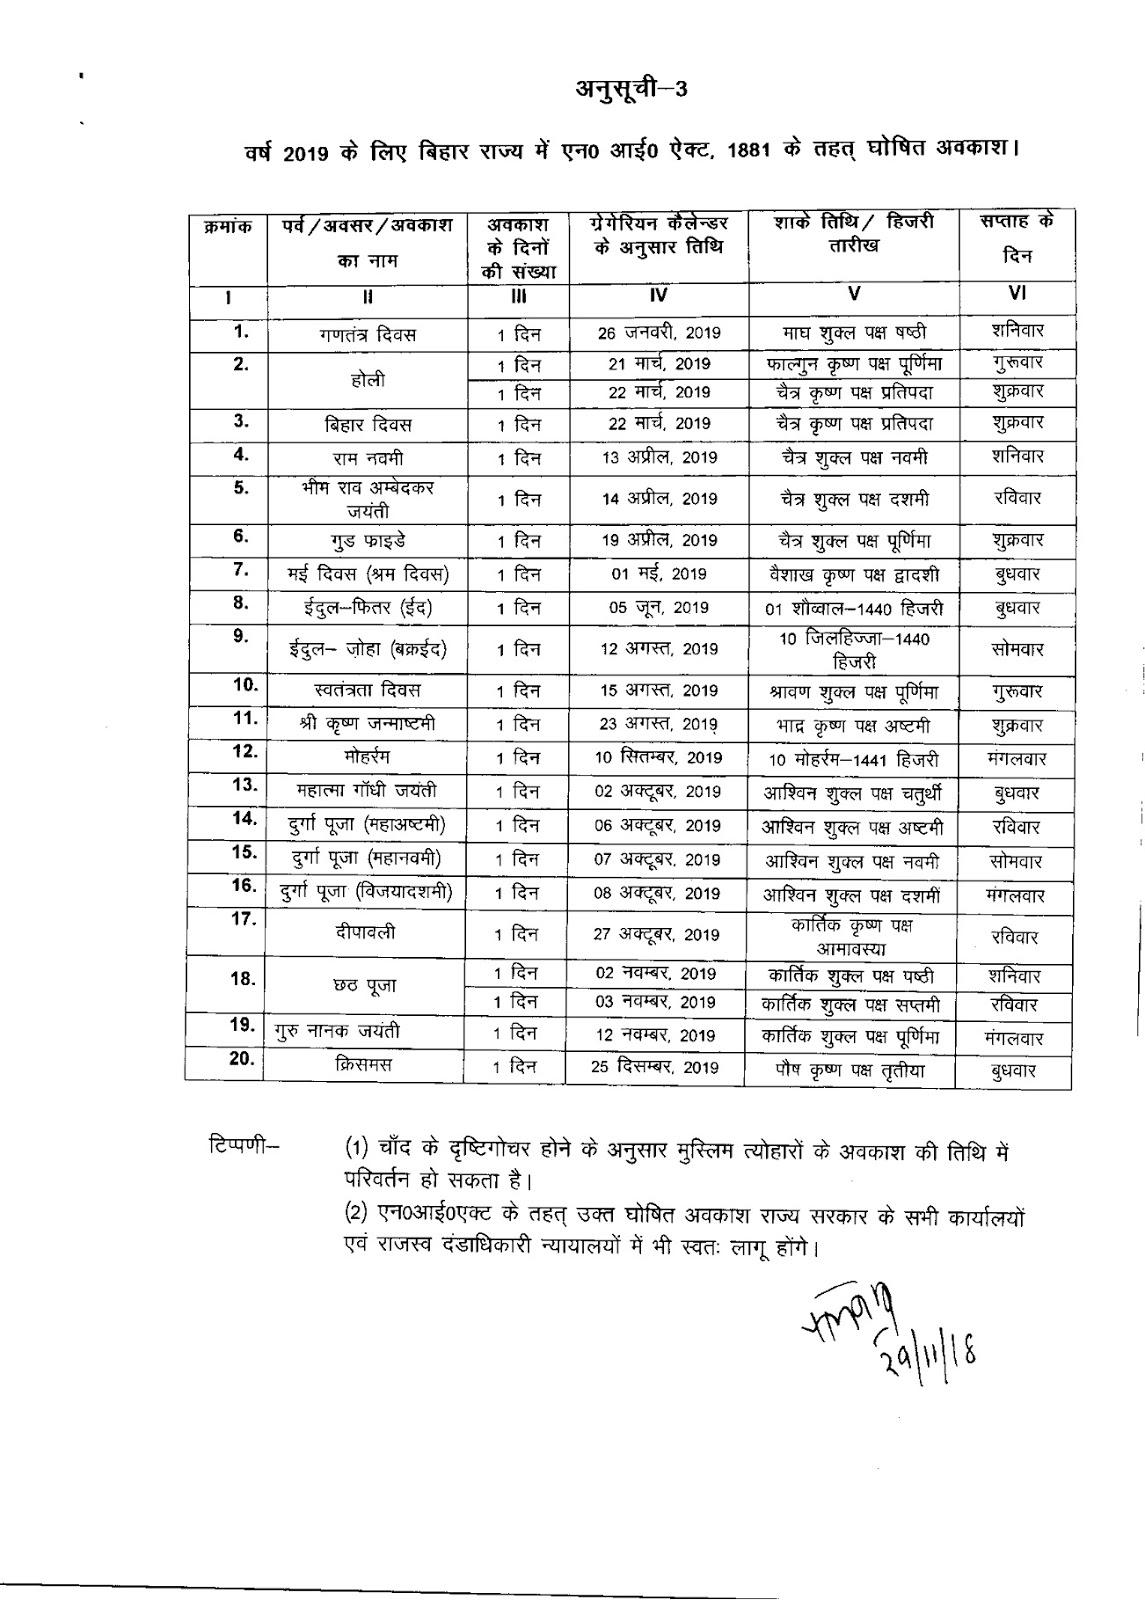 Bihar Government Calendar 2019 #educratsweb in Bihar Sarkar Callender